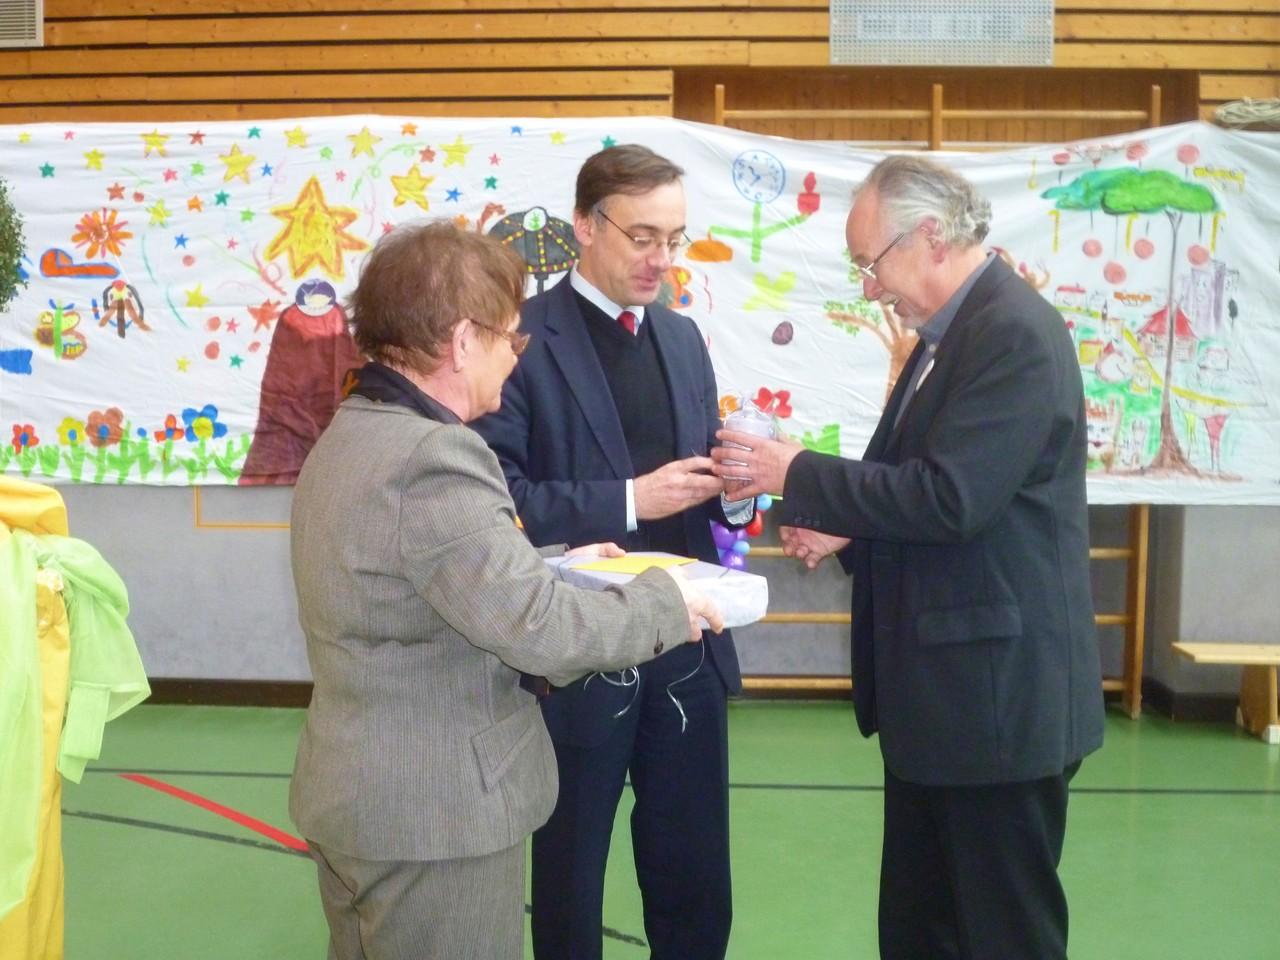 Foto O. Kindermann, Ein Geschenk der Stadt Würzburg überreichen die Bürgermeisterin Schäfer-Blake und Herr Al Ghusain